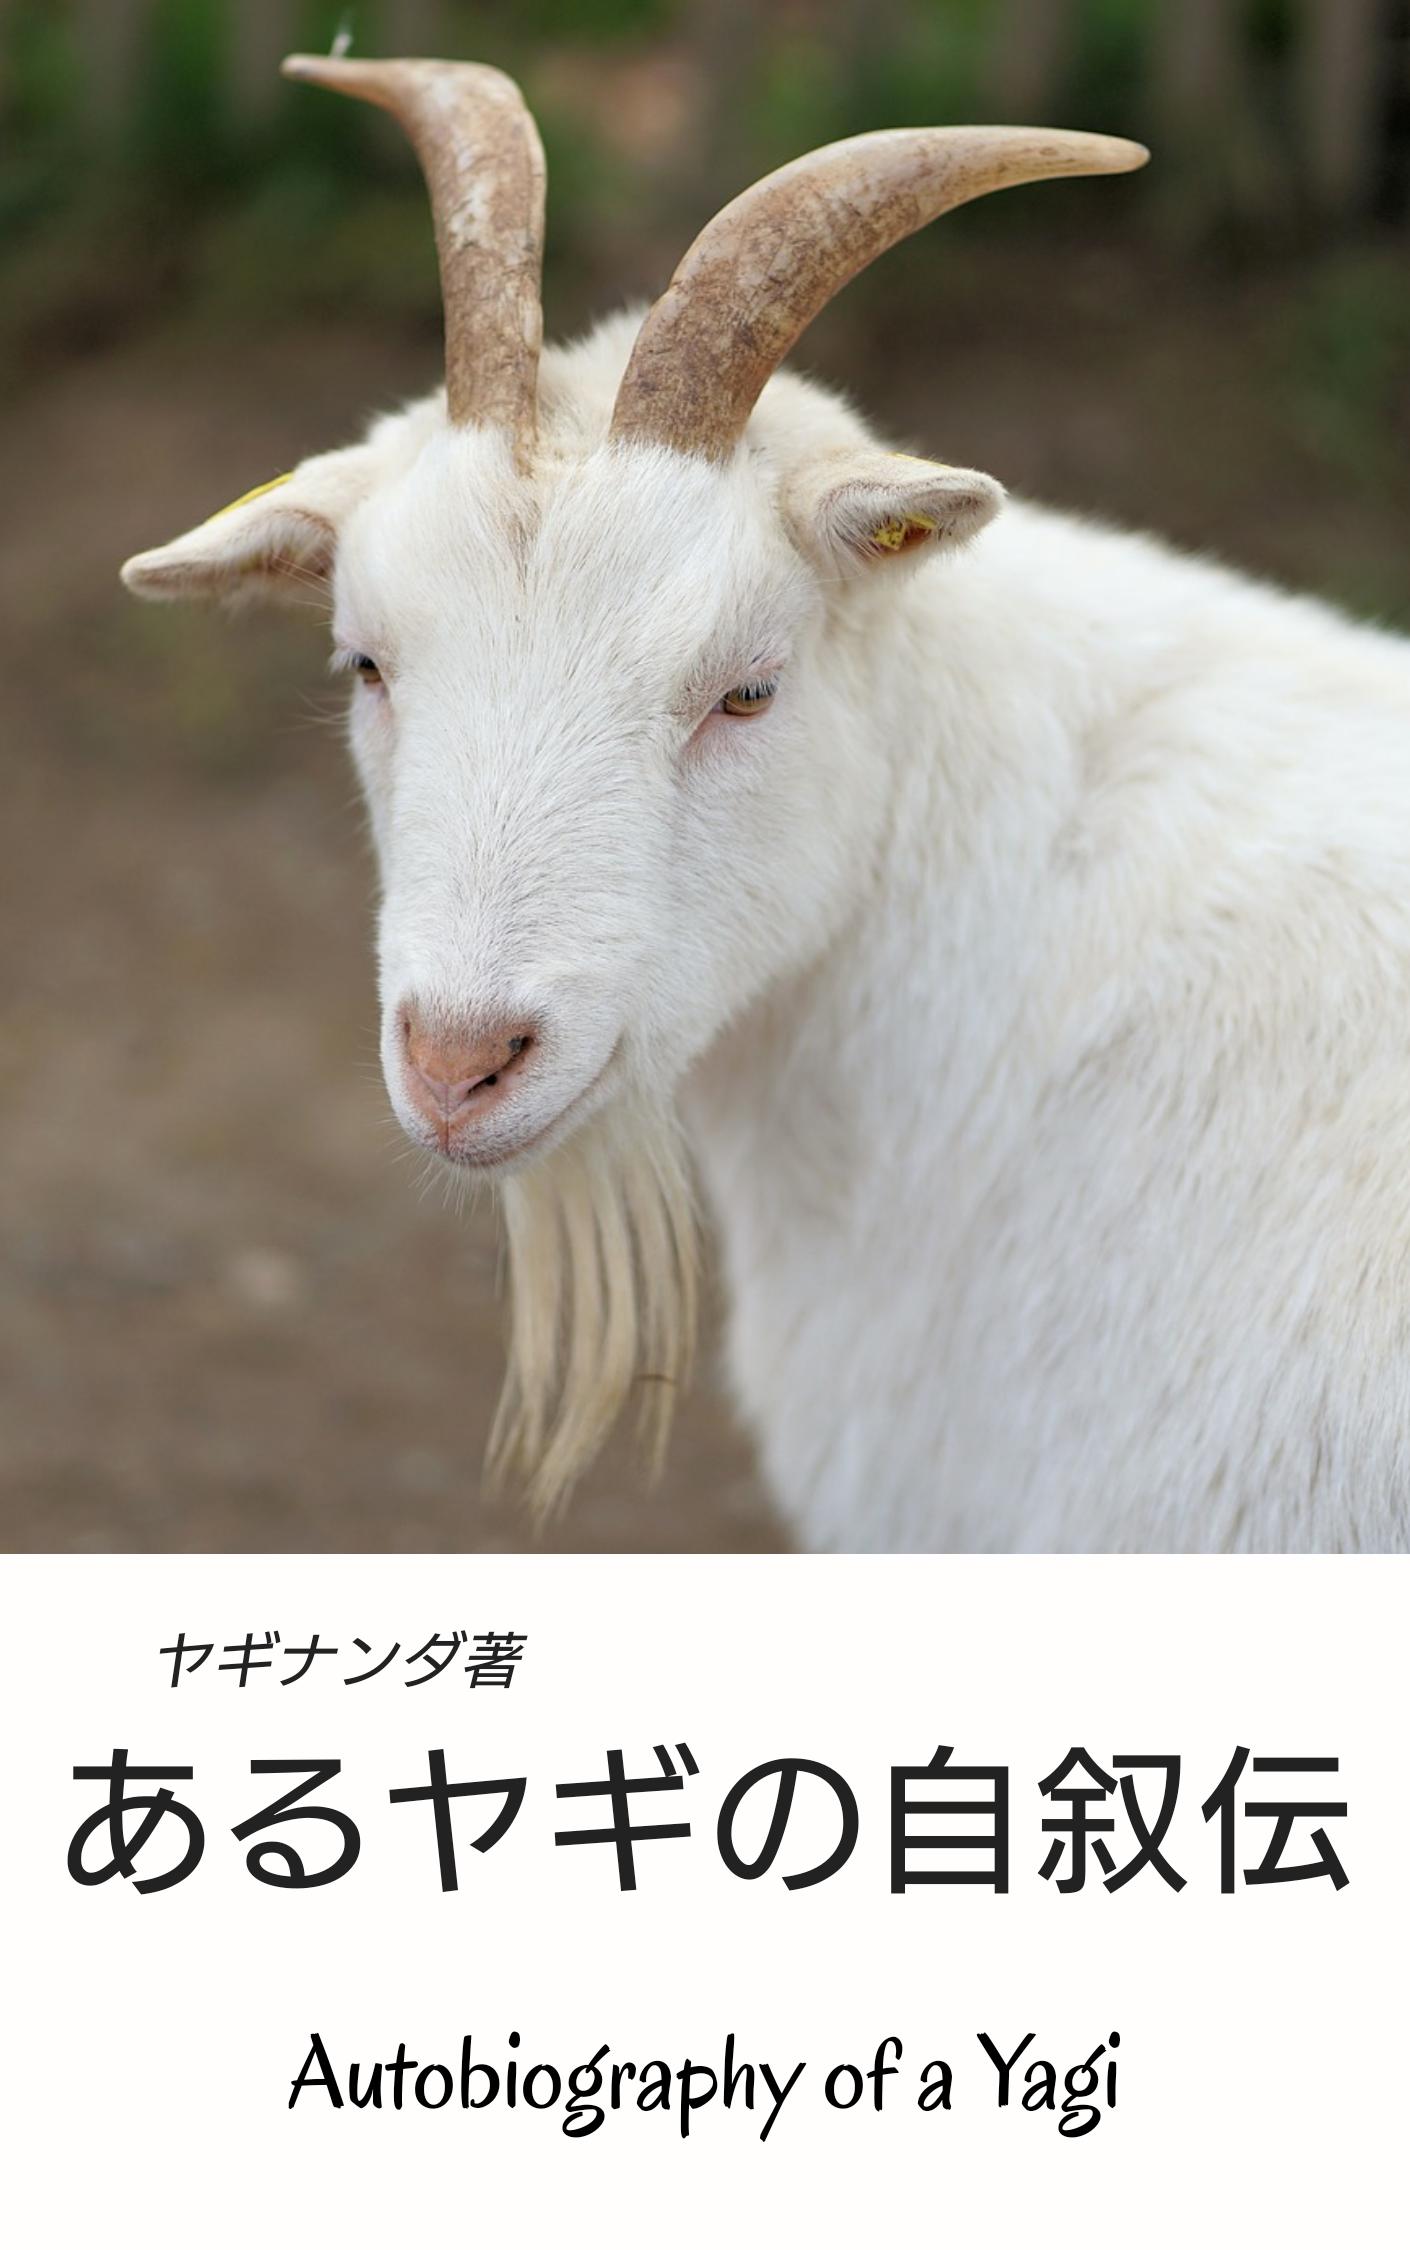 辛口な山羊の説教と嘆き